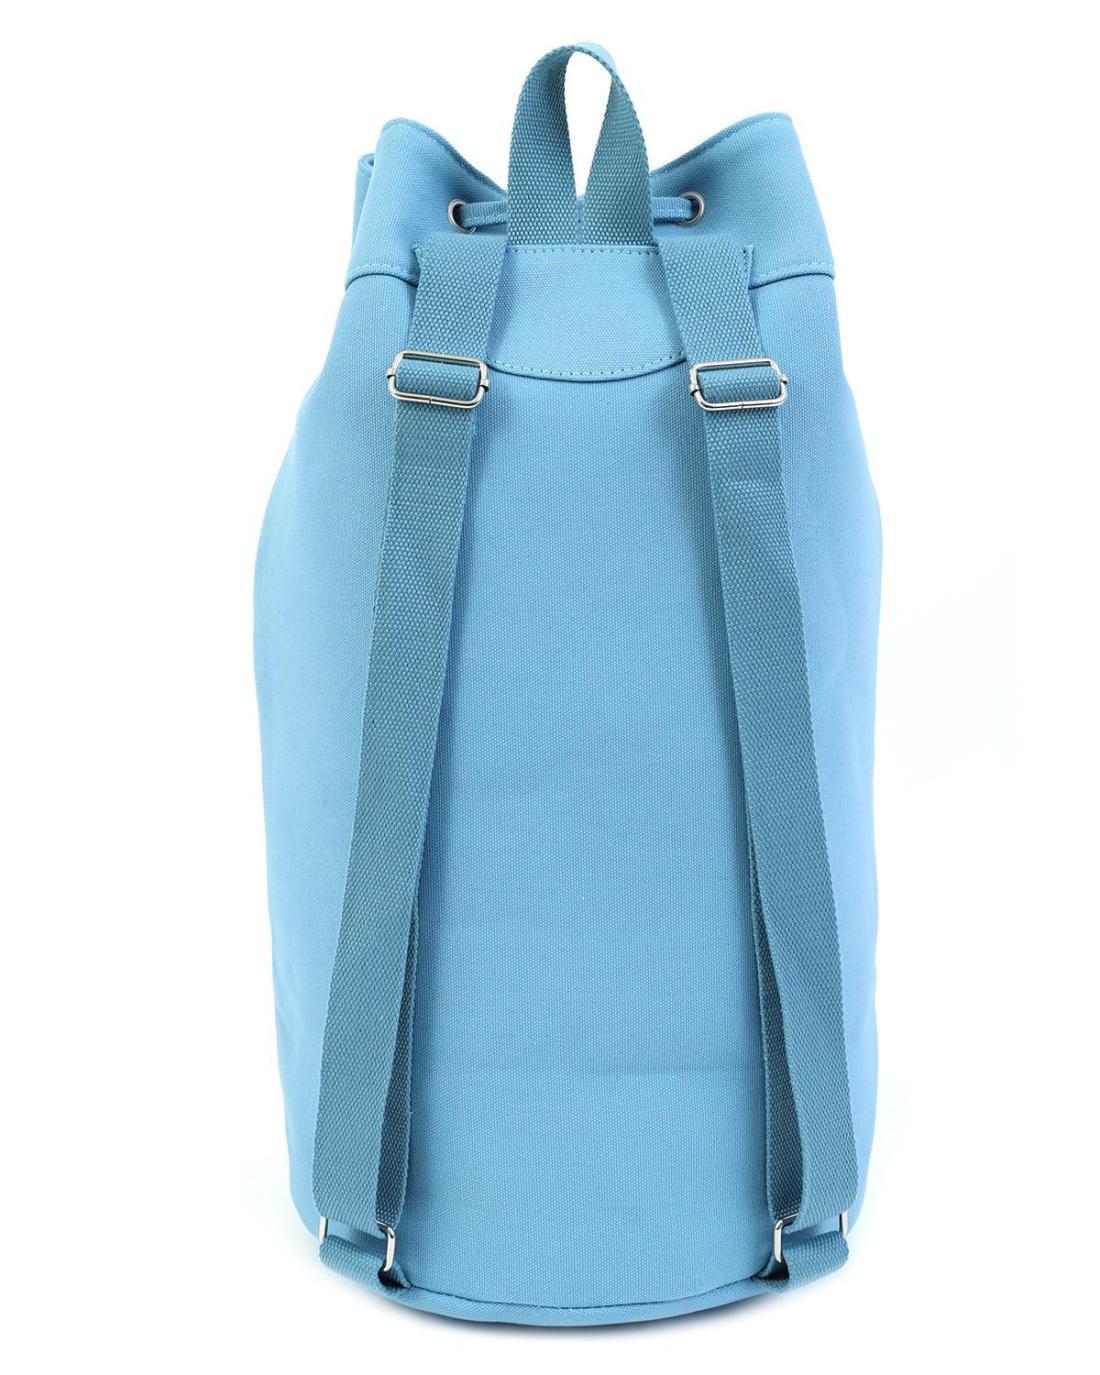 Τσάντα θαλάσσης γαλάζια